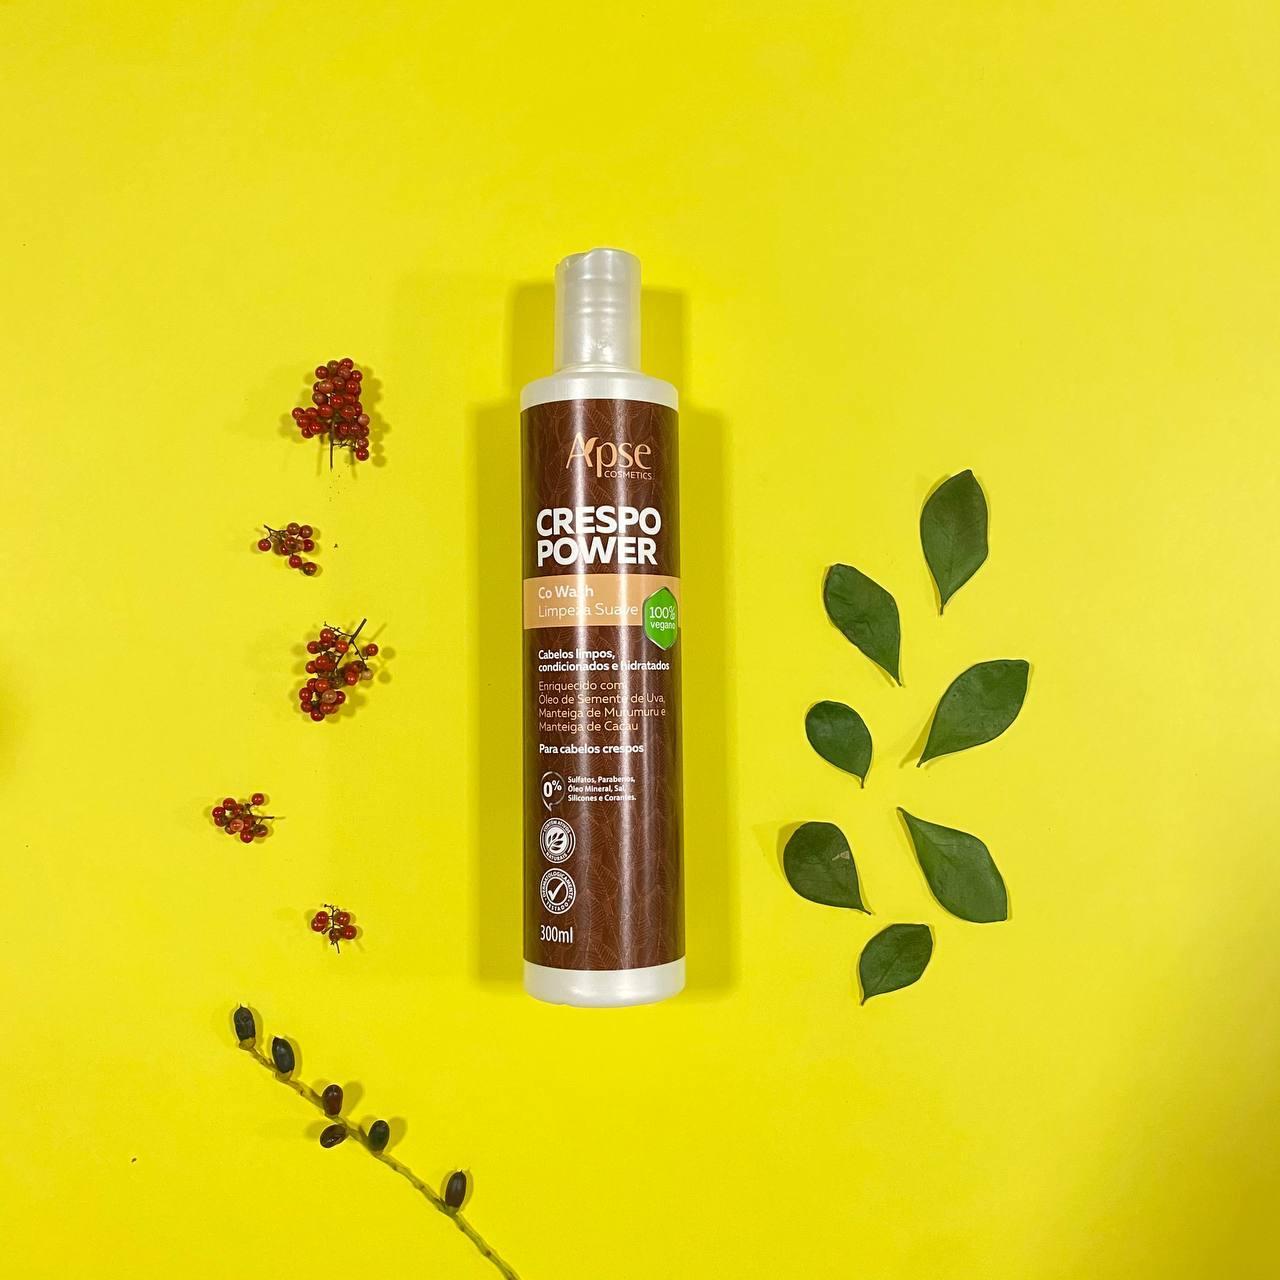 Co Wash Limpeza Suave Crespo Power - Apse Cosmetics 300ml